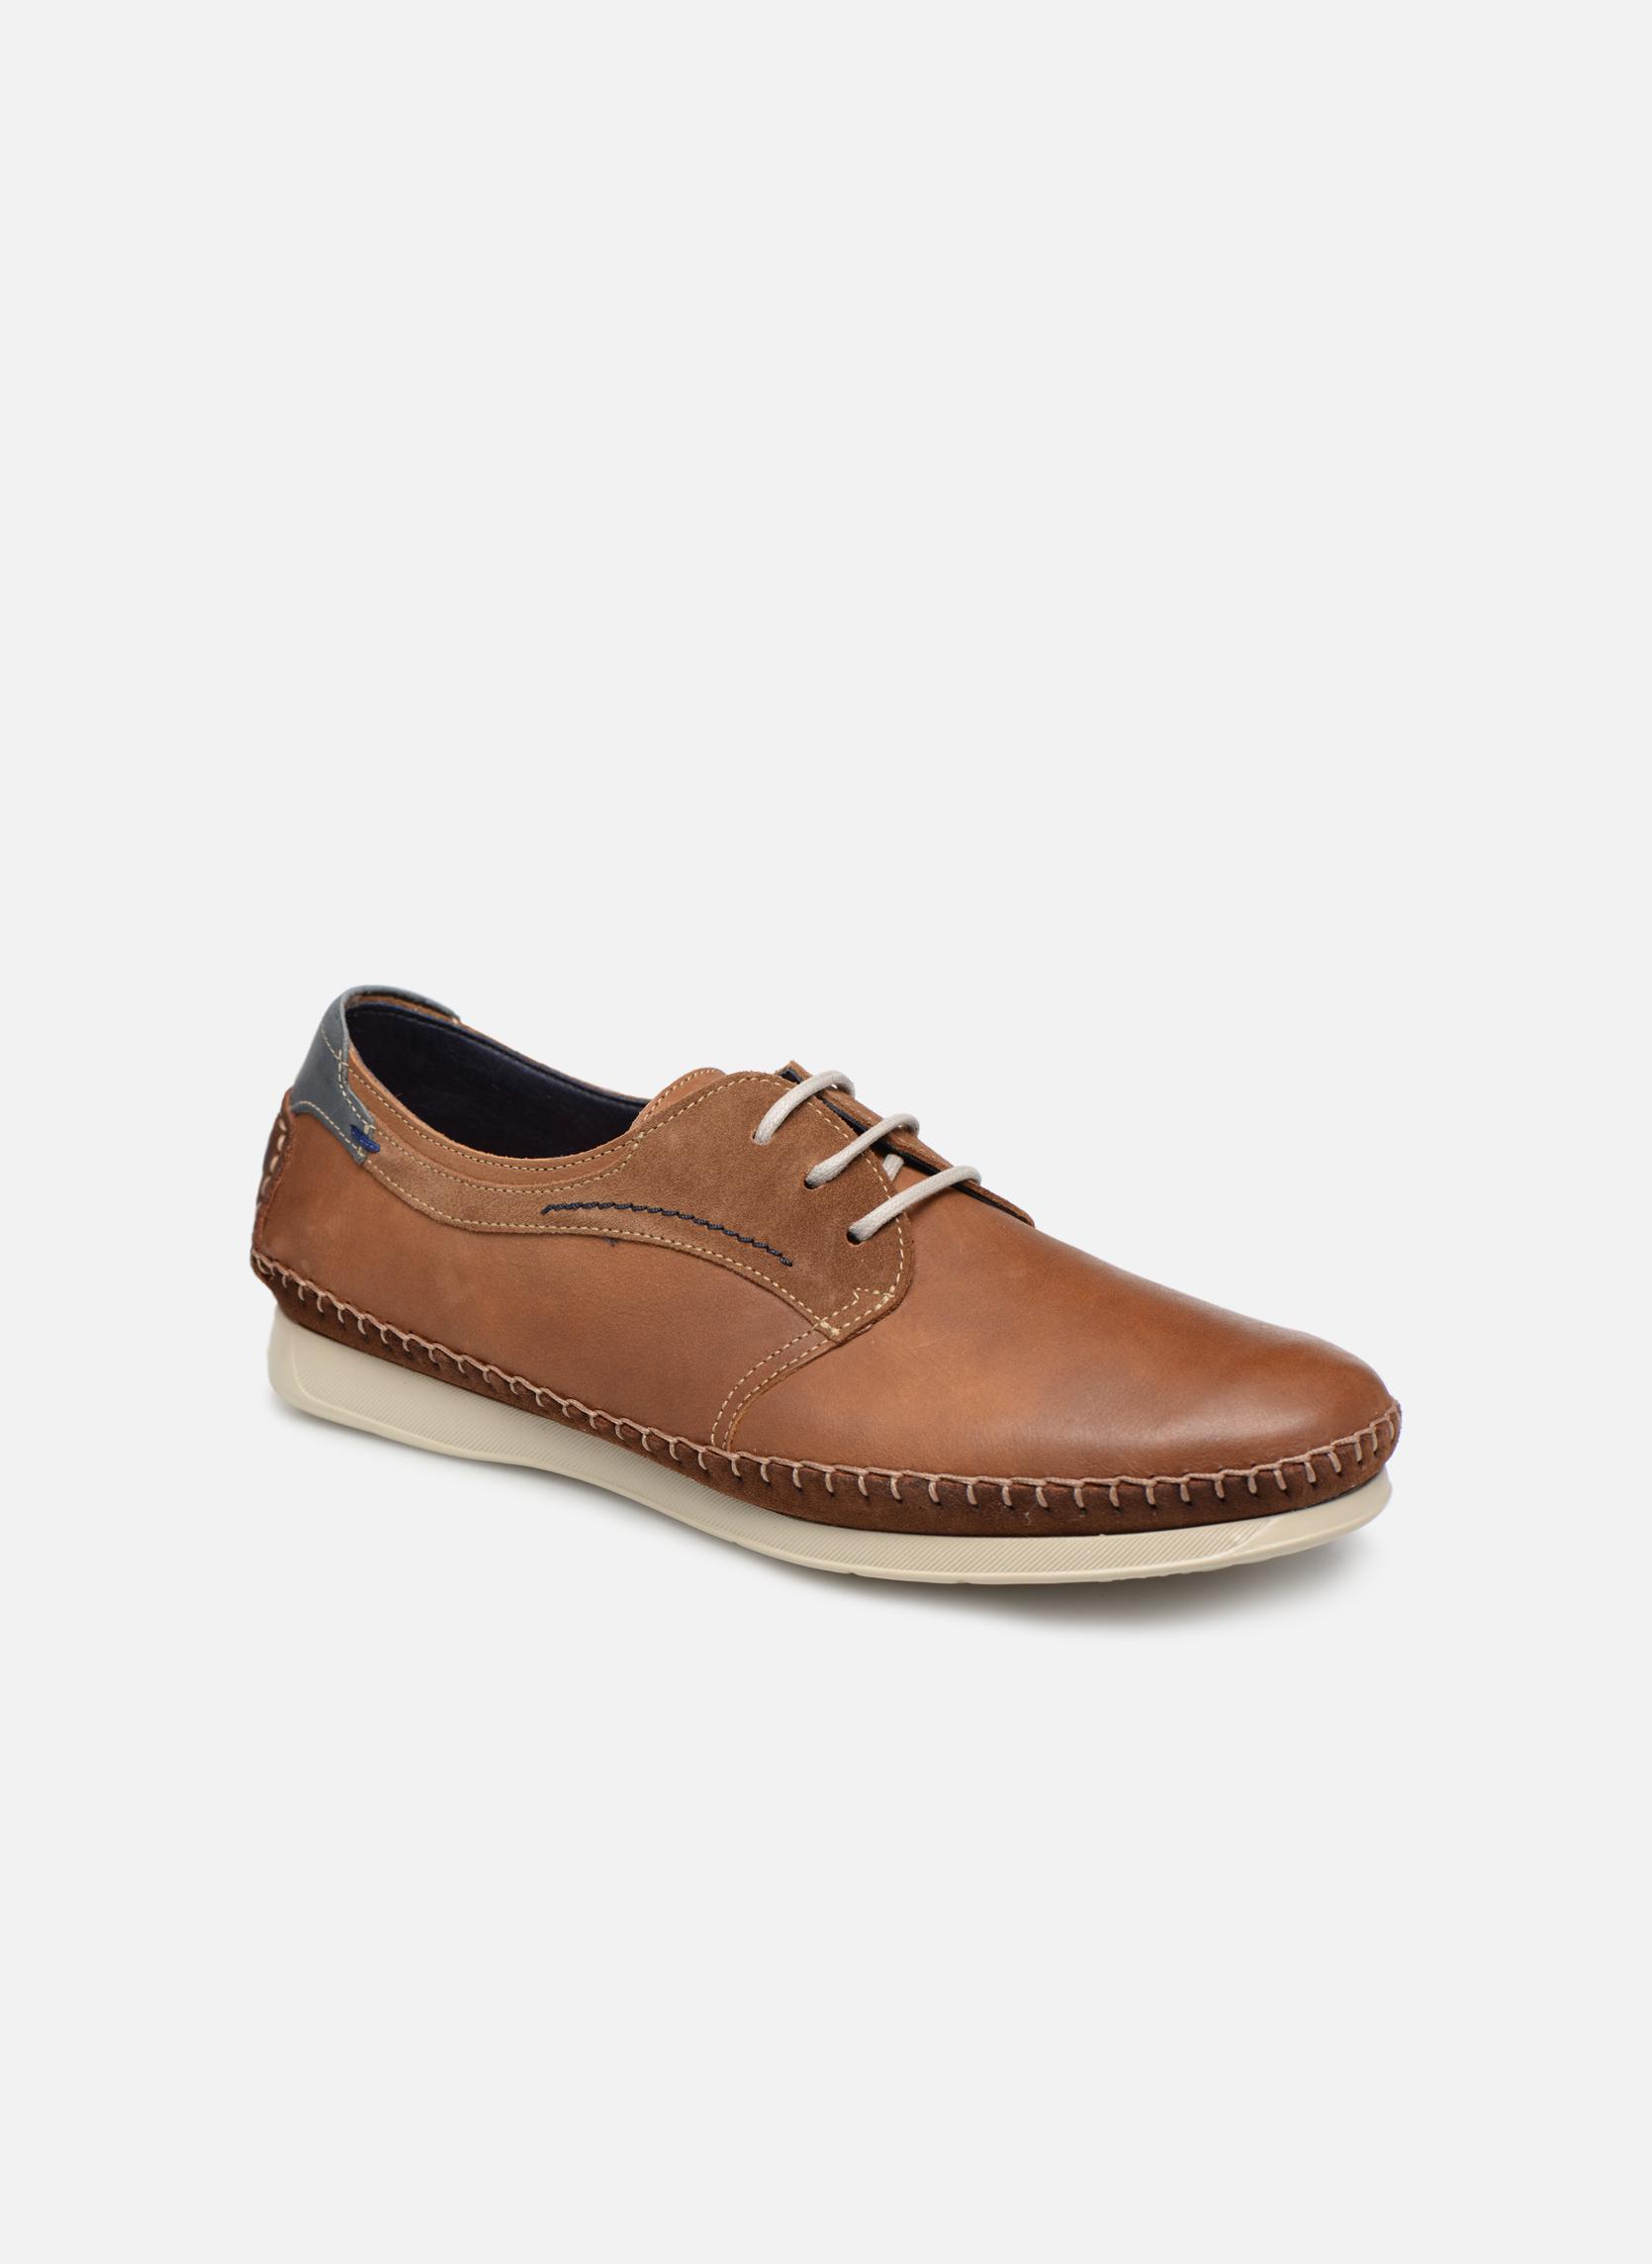 Sneakers Komodo F0197 by Fluchos